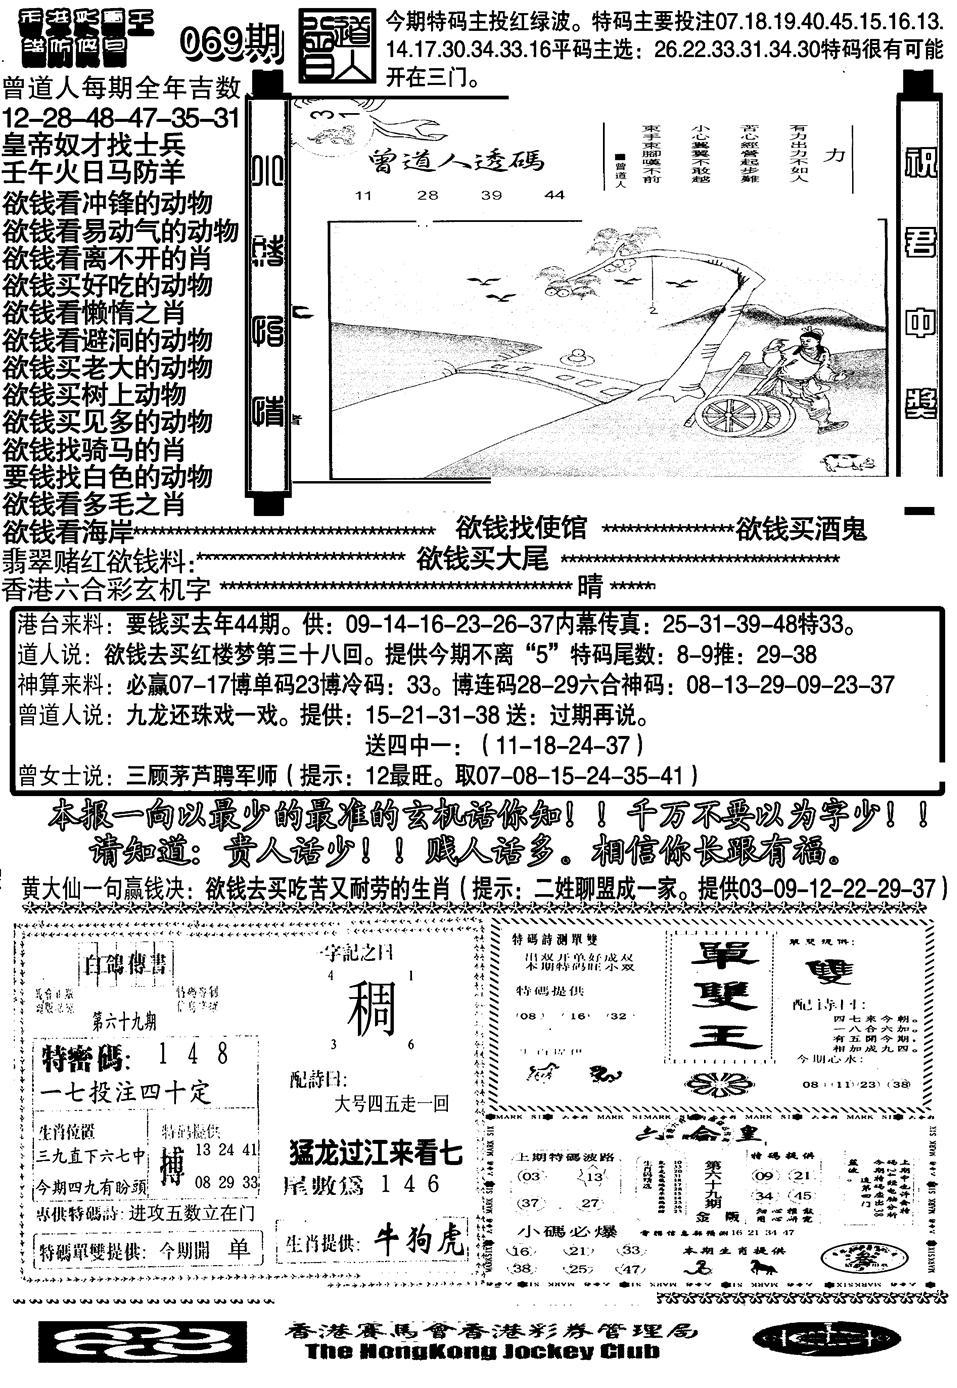 069期大刀彩霸王B(黑白)